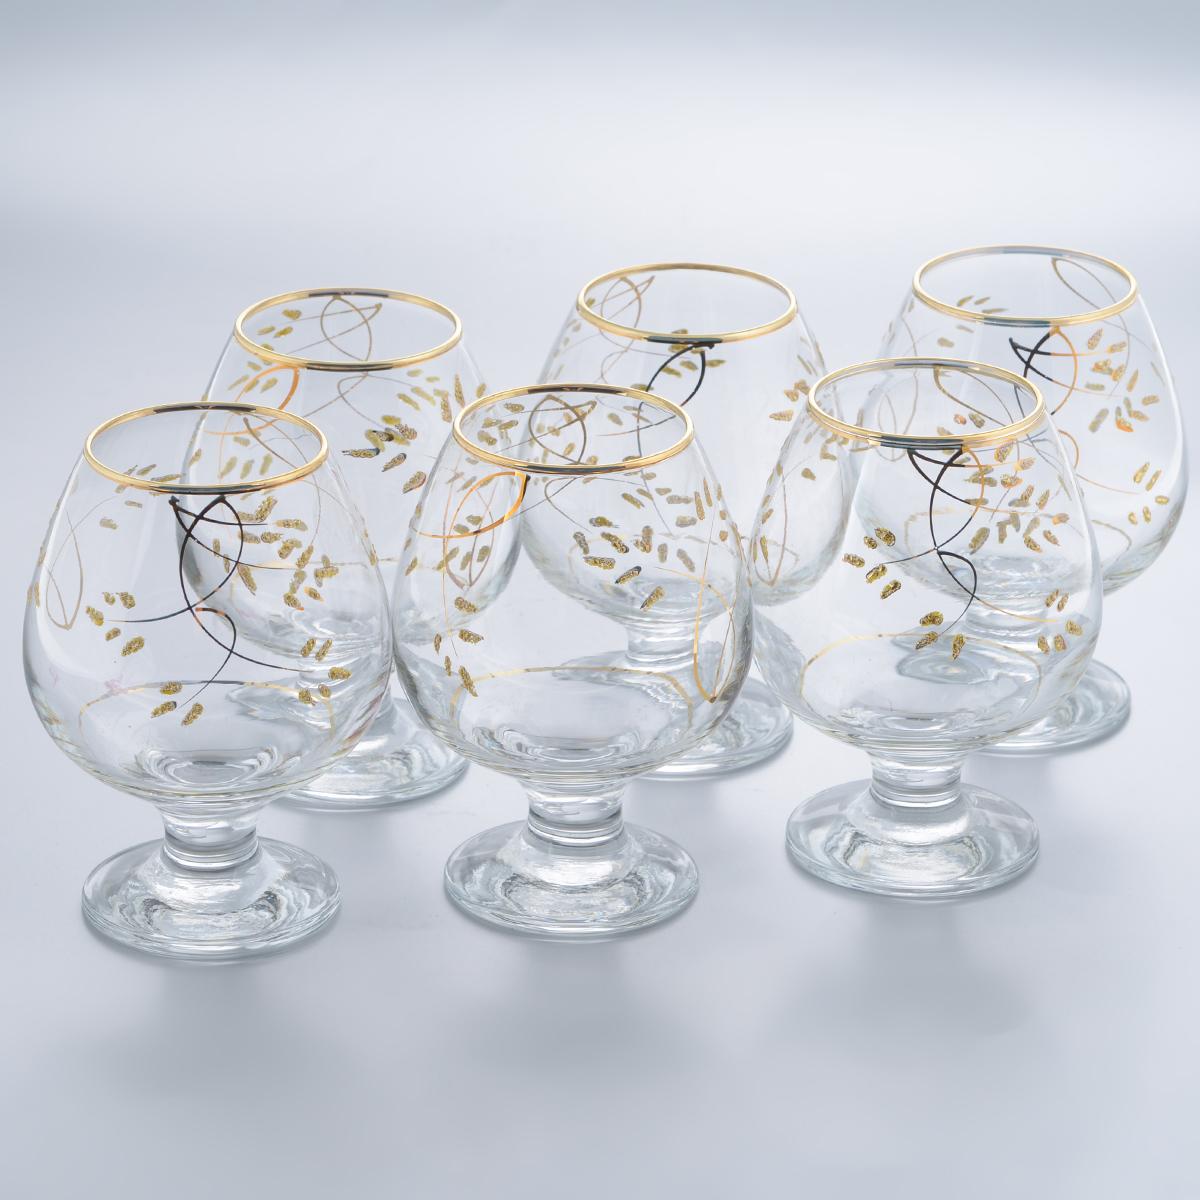 Набор бокалов для бренди Гусь-Хрустальный Колосок, 400 мл, 6 штVT-1520(SR)Набор Гусь-Хрустальный Колосок состоит из 6 бокалов на низкой ножке, изготовленных из высококачественного натрий-кальций-силикатного стекла. Изделия оформлены красивым зеркальным покрытием и золотистым орнаментом. Бокалы предназначены для подачи бренди. Такой набор прекрасно дополнит праздничный стол и станет желанным подарком в любом доме. Разрешается мыть в посудомоечной машине. Диаметр бокала (по верхнему краю): 5,5 см. Высота бокала: 12,5 см. Диаметр основания бокала: 6,5 см.